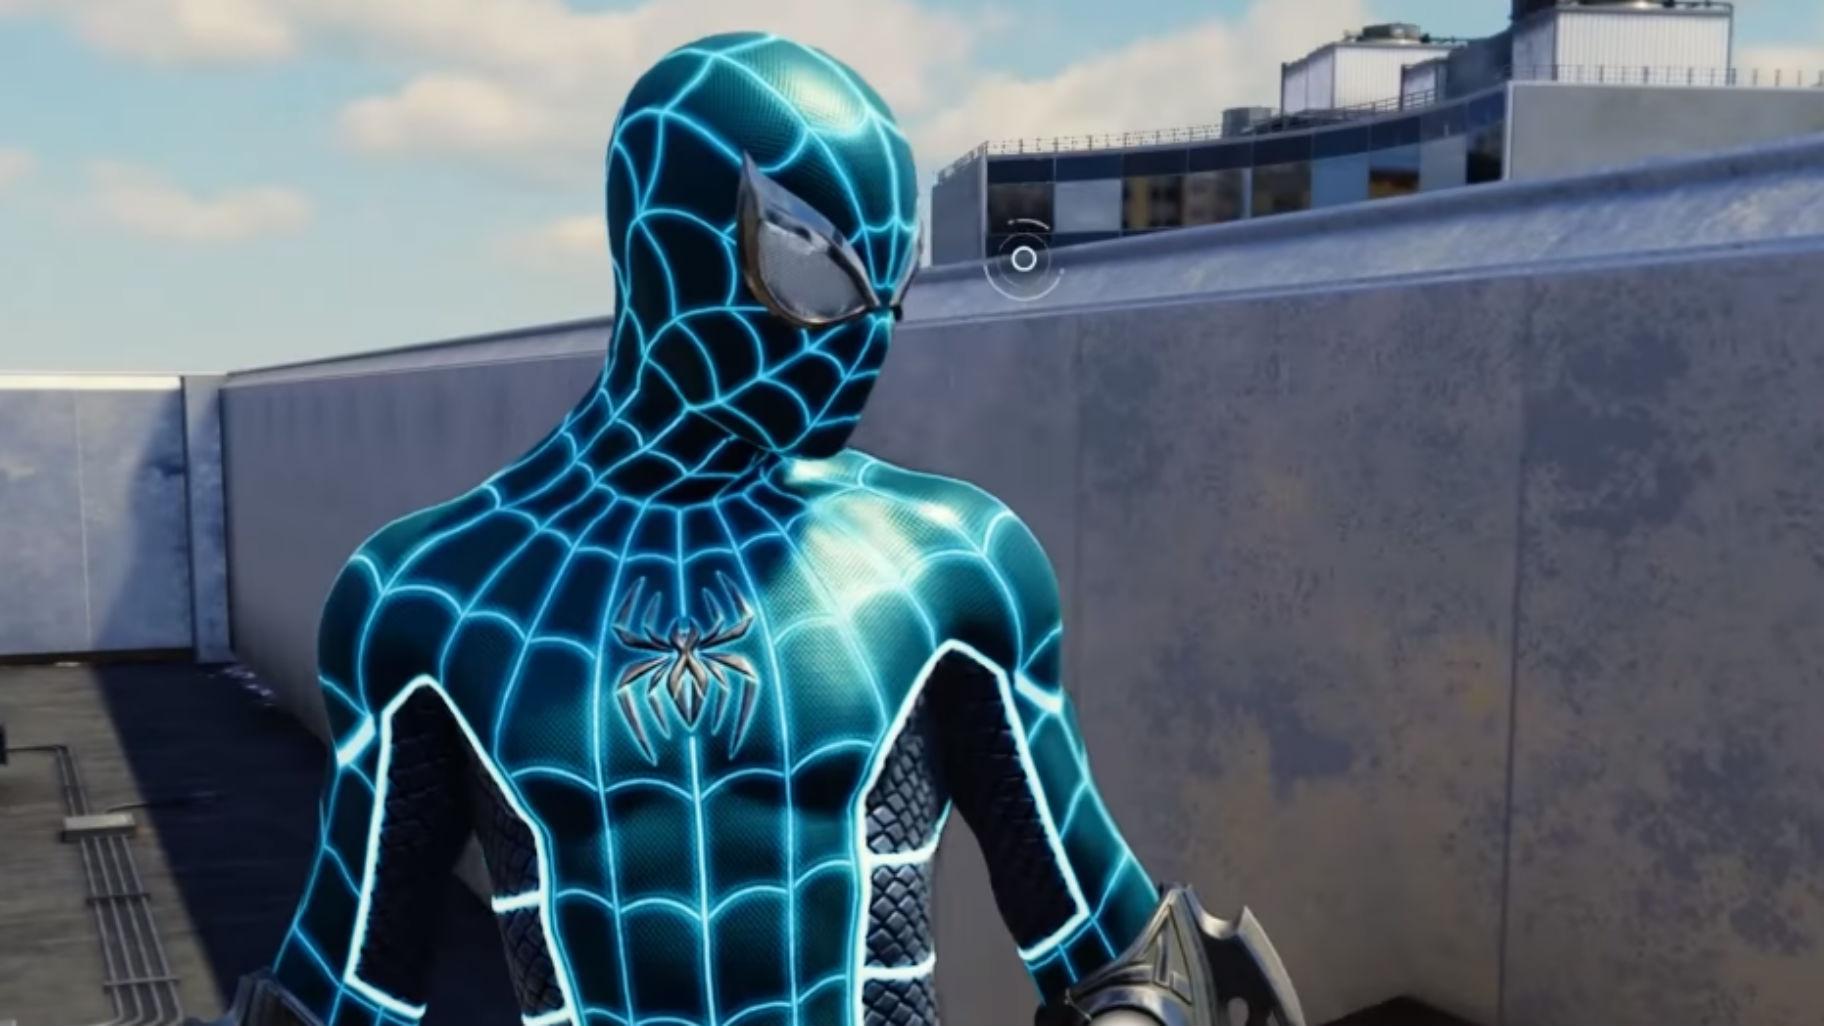 Spiderman PS4: Alle Anzüge, Anzugkräfte & wie Du sie